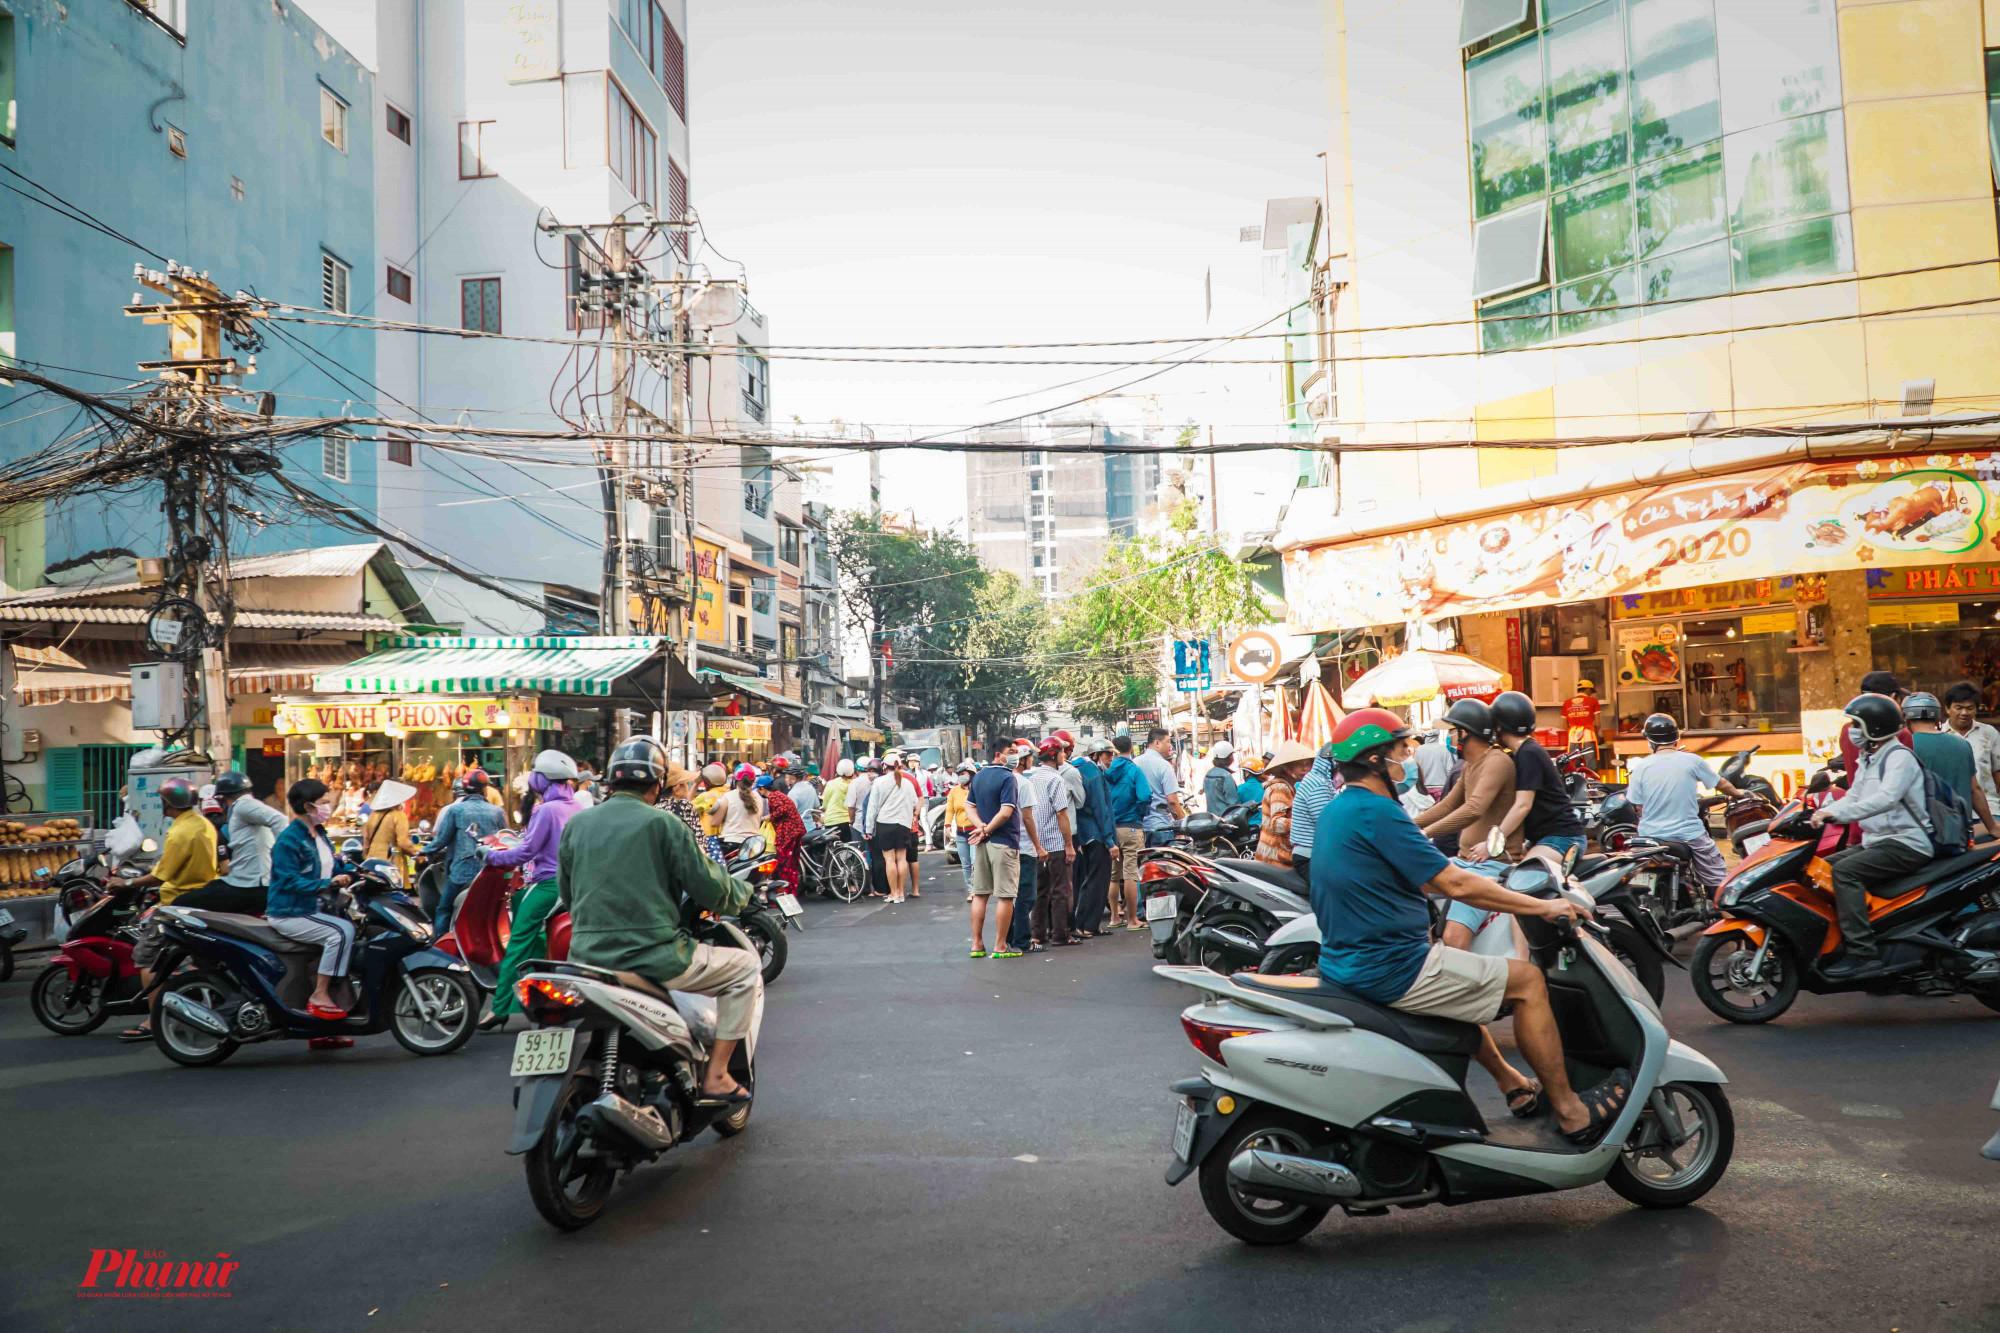 Gốc phố đường Bùi Hữu Nghĩa - Quận 5 nhộn nhịp hẳn lên trong những ngày này